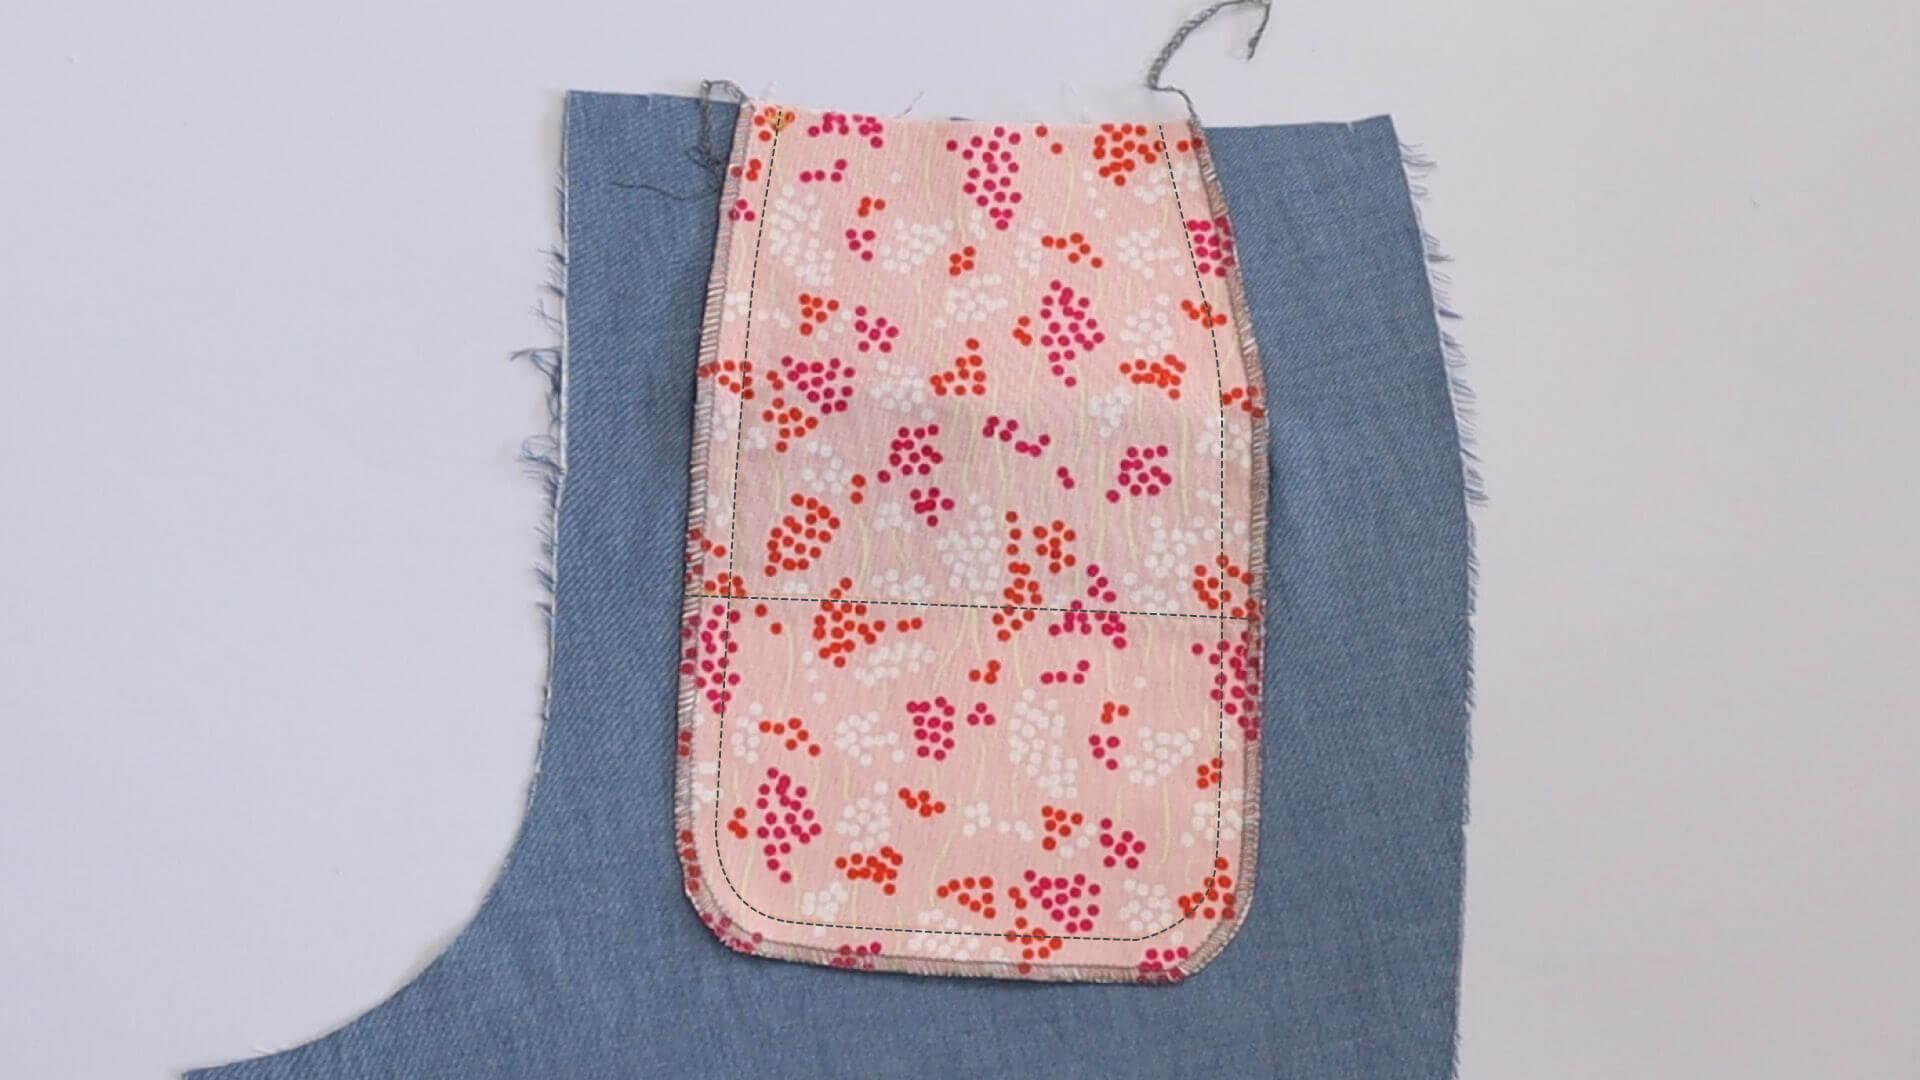 Hosen Papeltasche selber nähen, zusammengenähte und versäuberte Taschenbeutelkanten